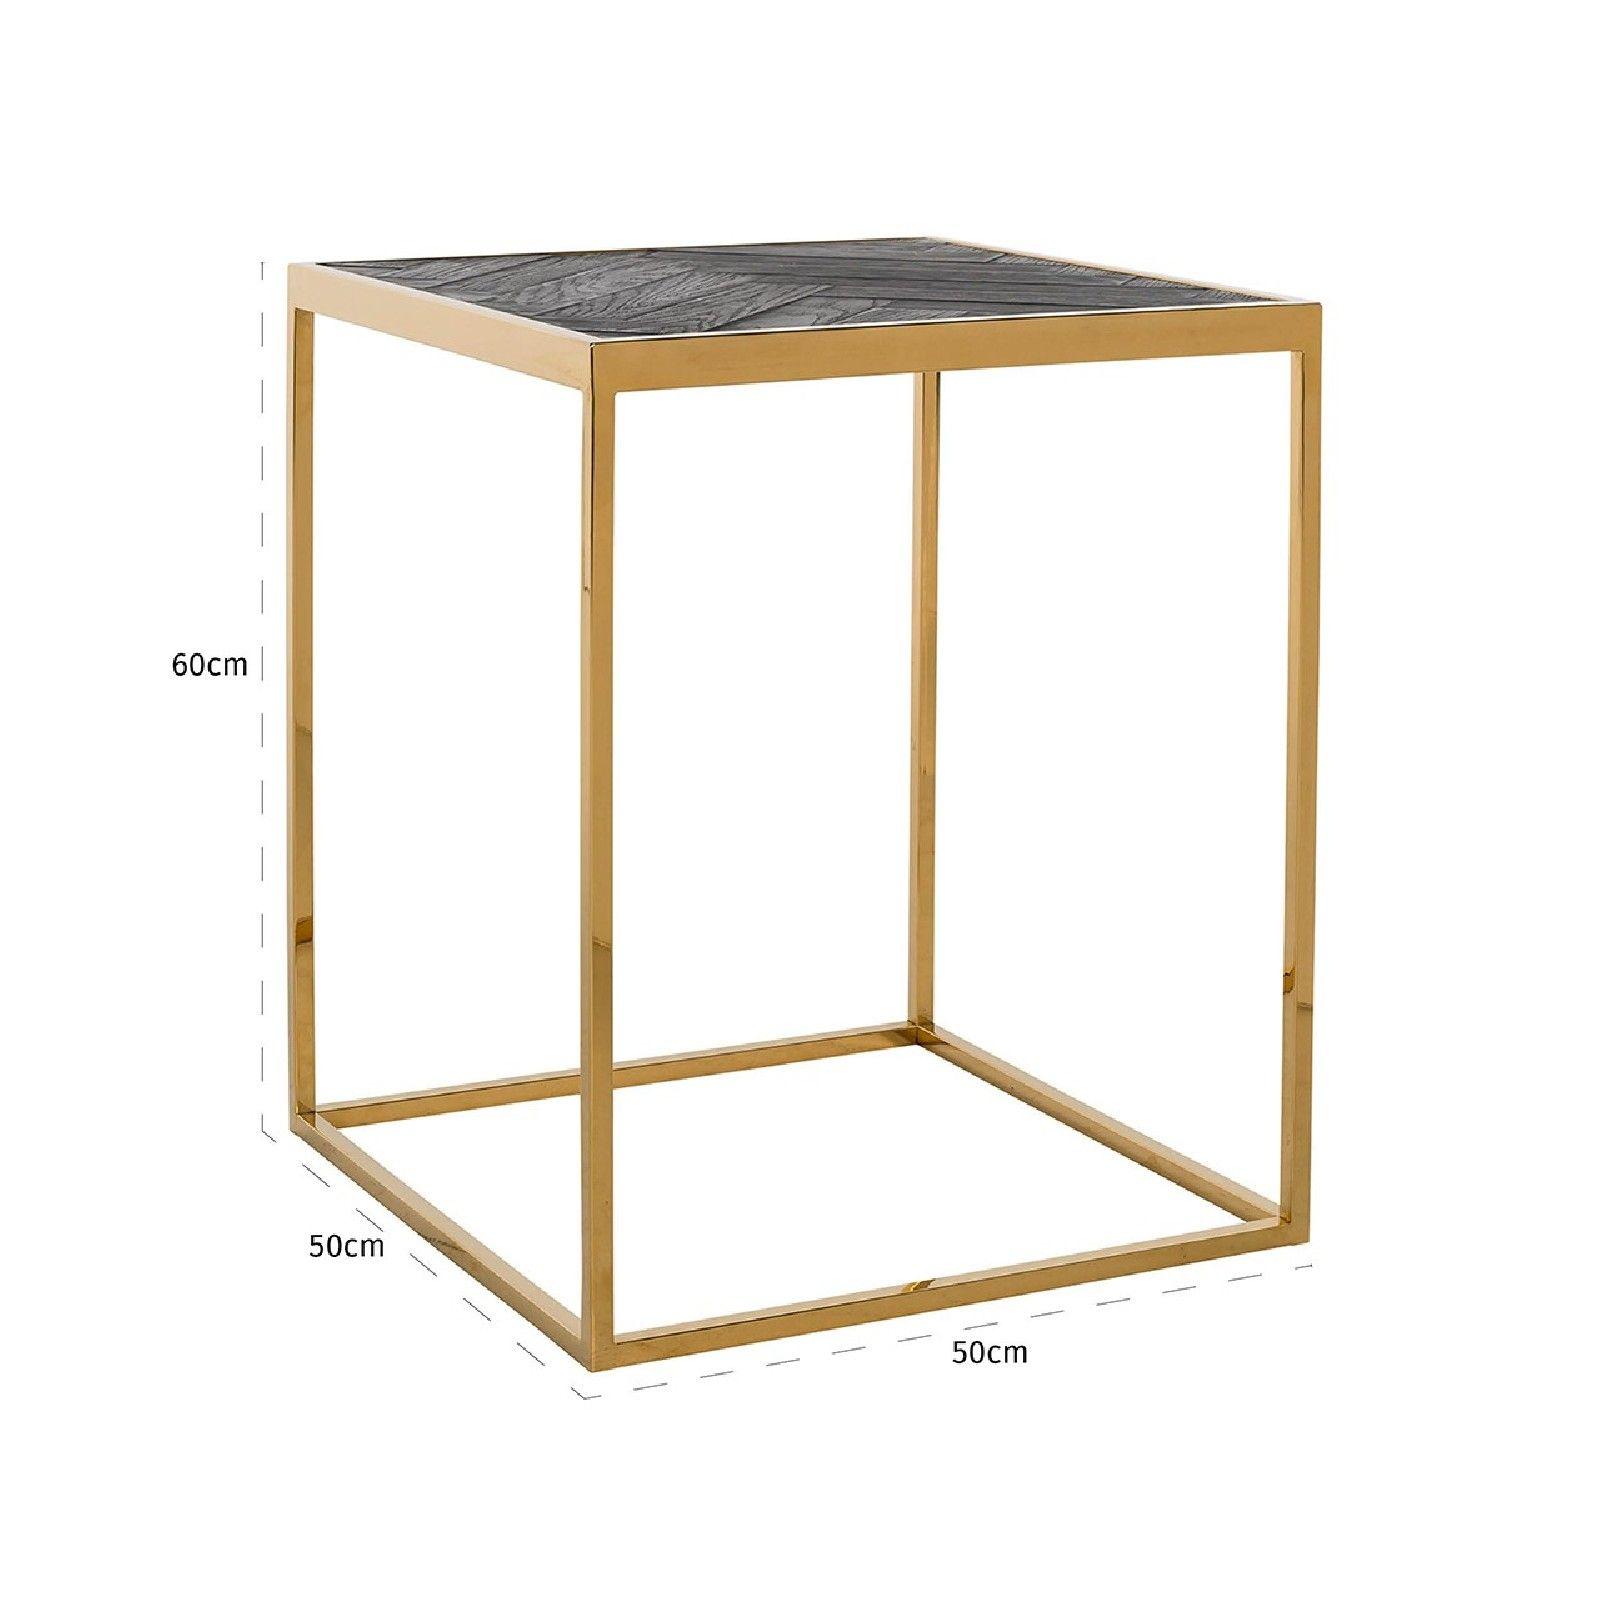 Table d'angle Blackbone gold 50x50 Meuble Déco Tendance - 673